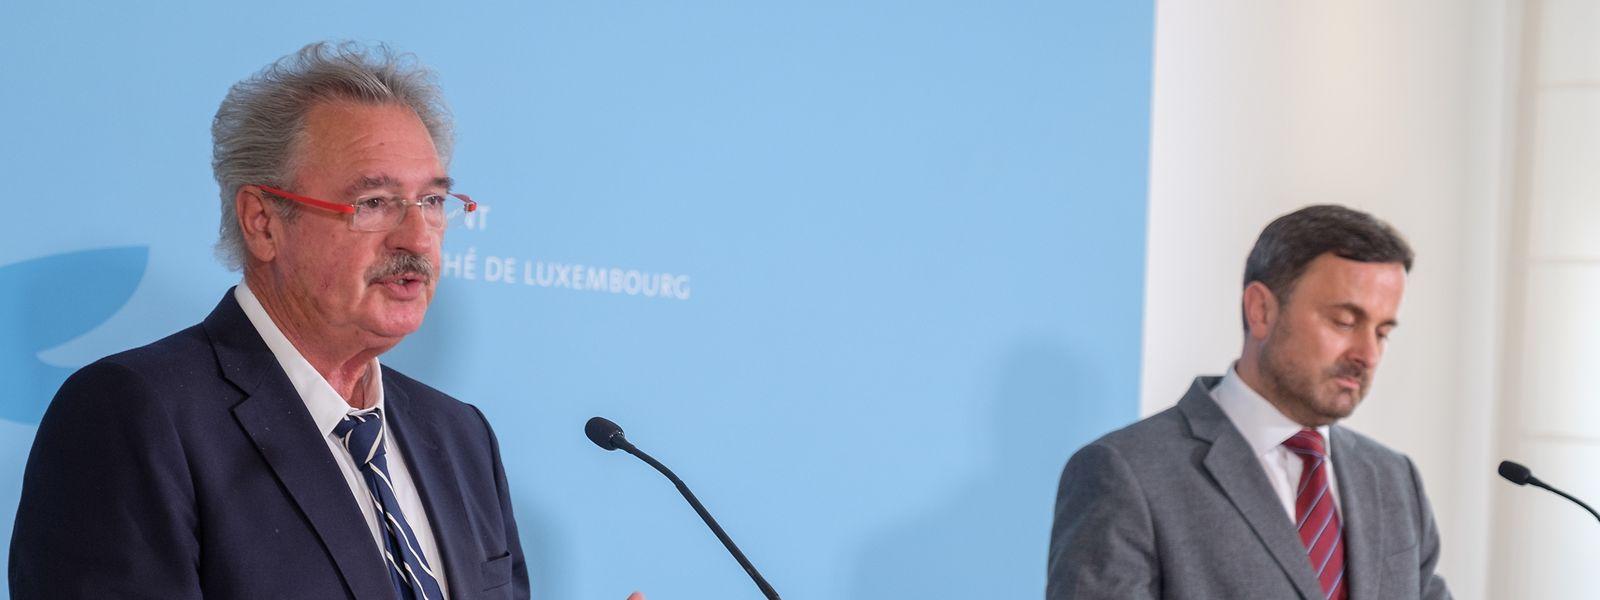 Le ministre des Affaires étrangères Jean Asselborn (à g.) au côté du Premier ministre Xavier Bettel lors du briefing à la presse du conseil de gouvernement de vendredi.